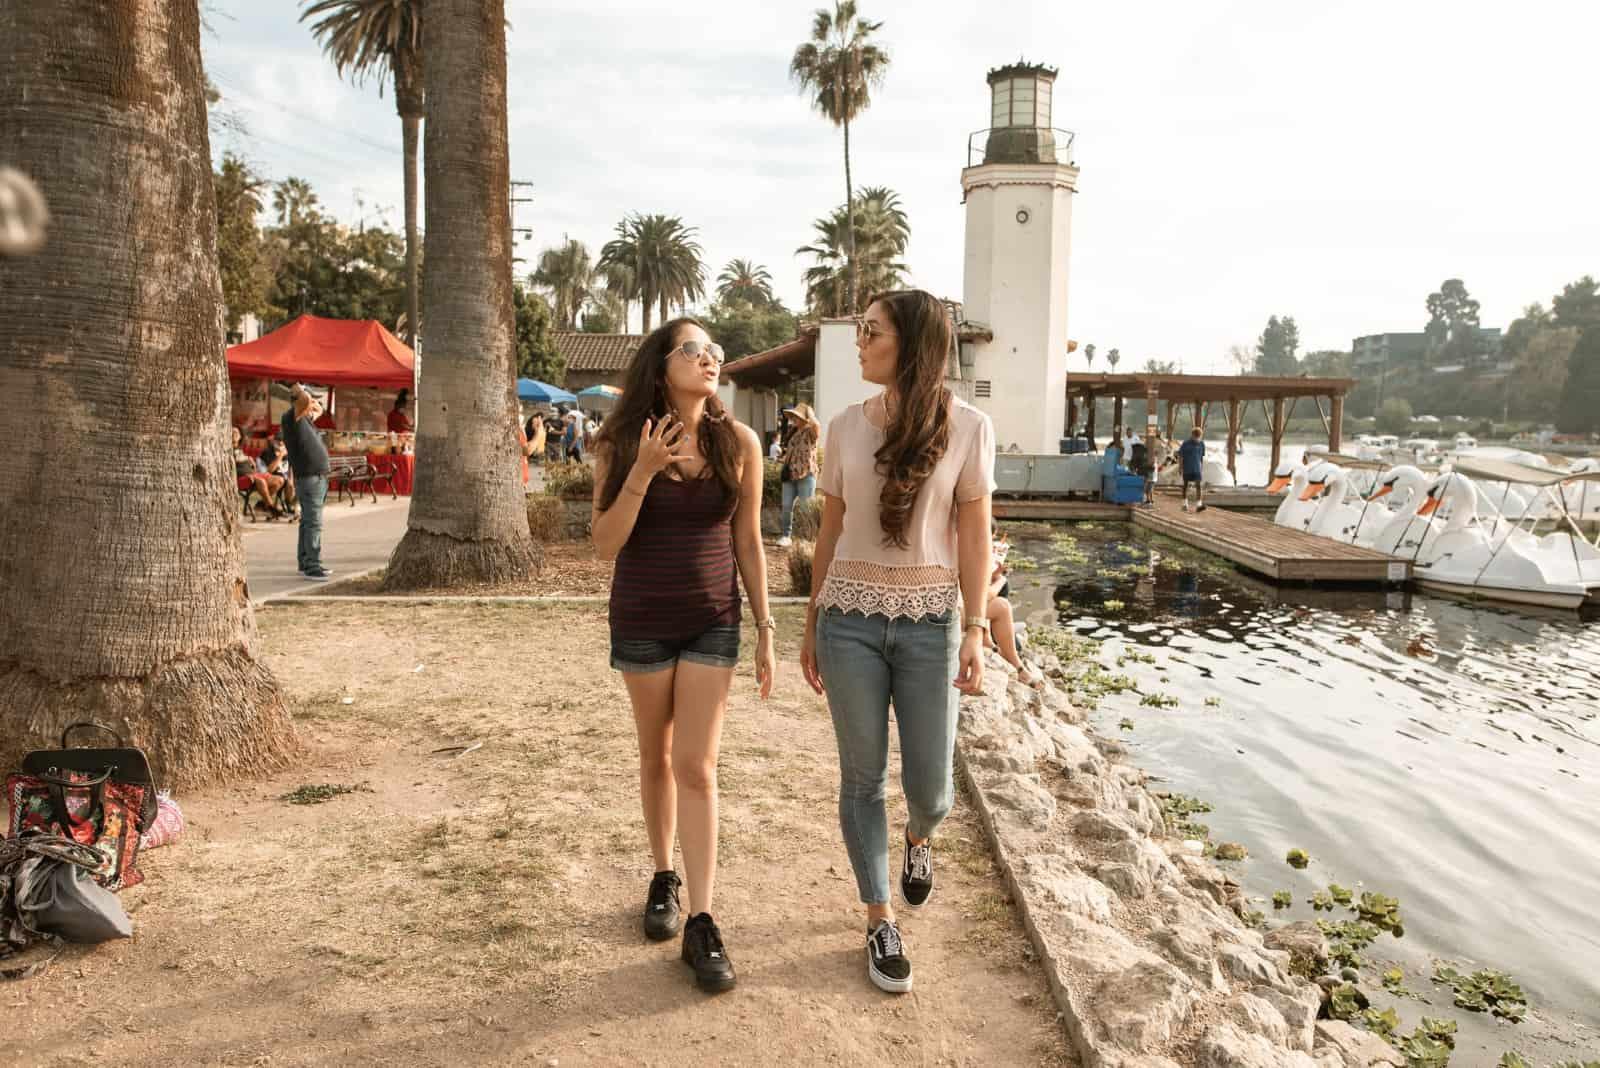 femme parlant à une femme tout en marchant près de l'eau